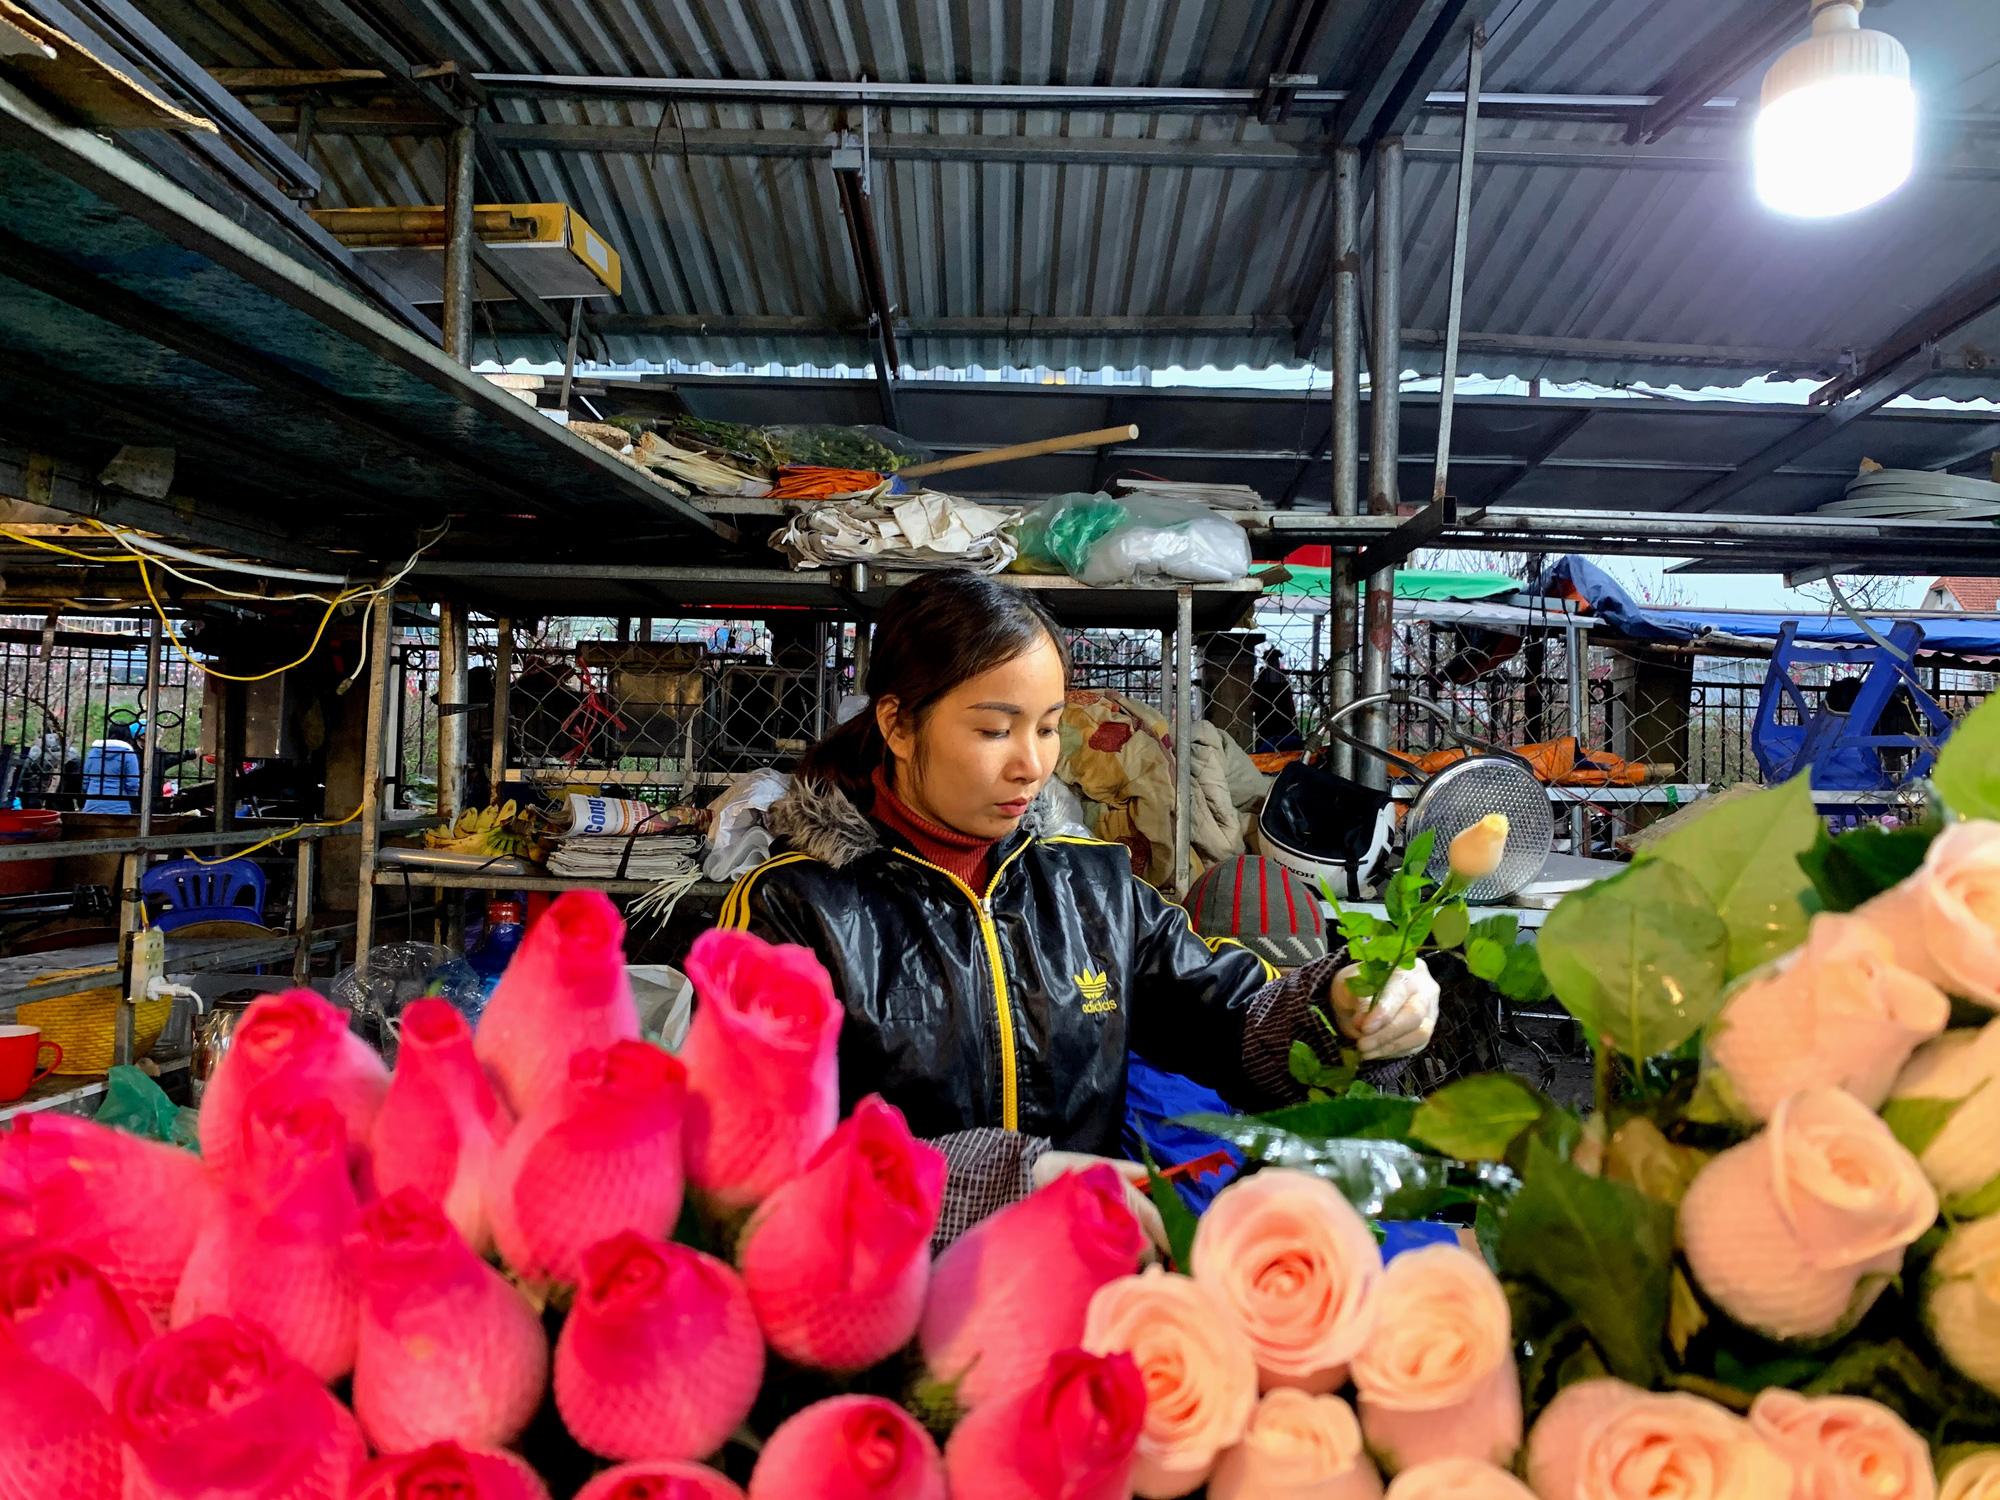 Chiều cuối năm, đột nhập chợ hoa xuân xem người Hà Nội sắm Tết - Ảnh 15.